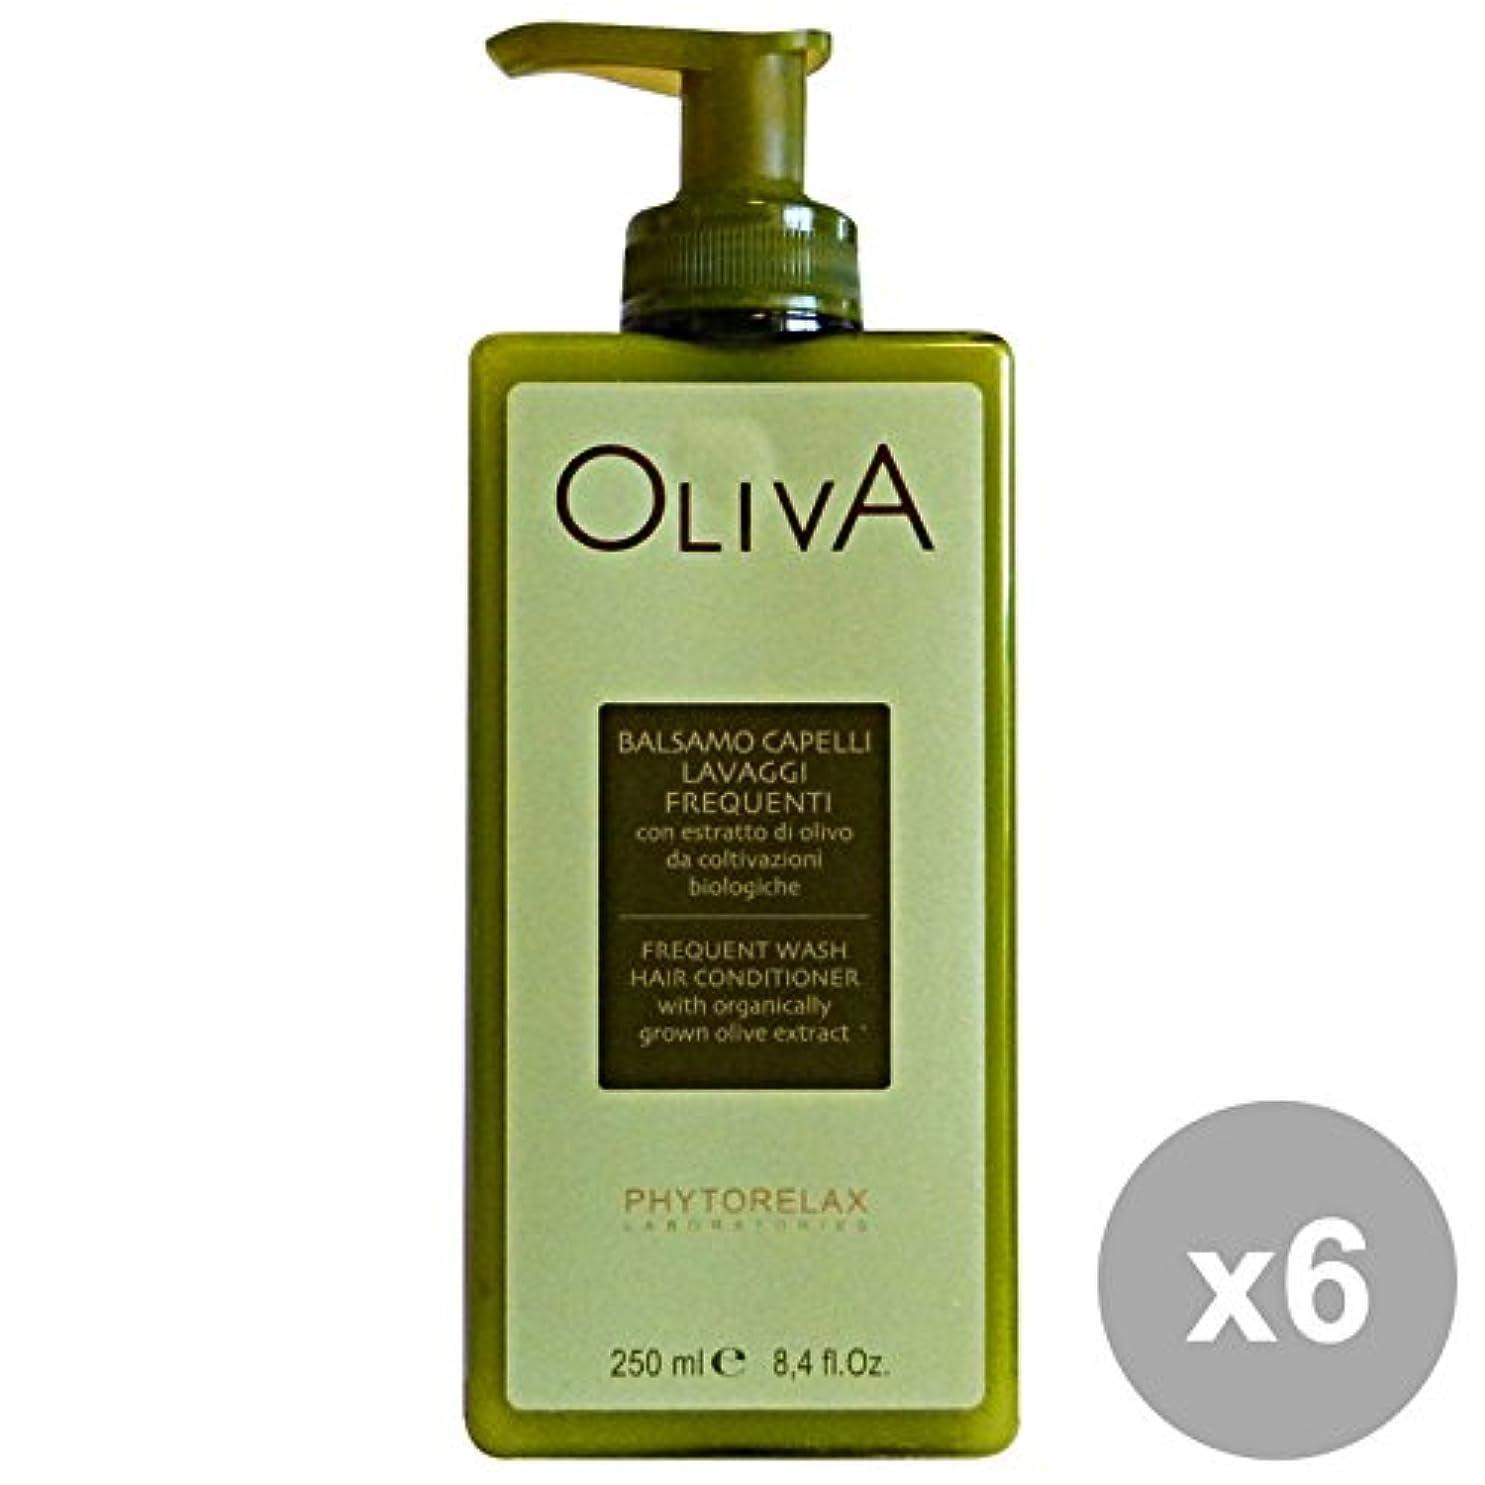 ケーブル塊マイナス6ファイトレラックスオリーブバームウォッシュを洗う頻度250 ML。髪のための製品